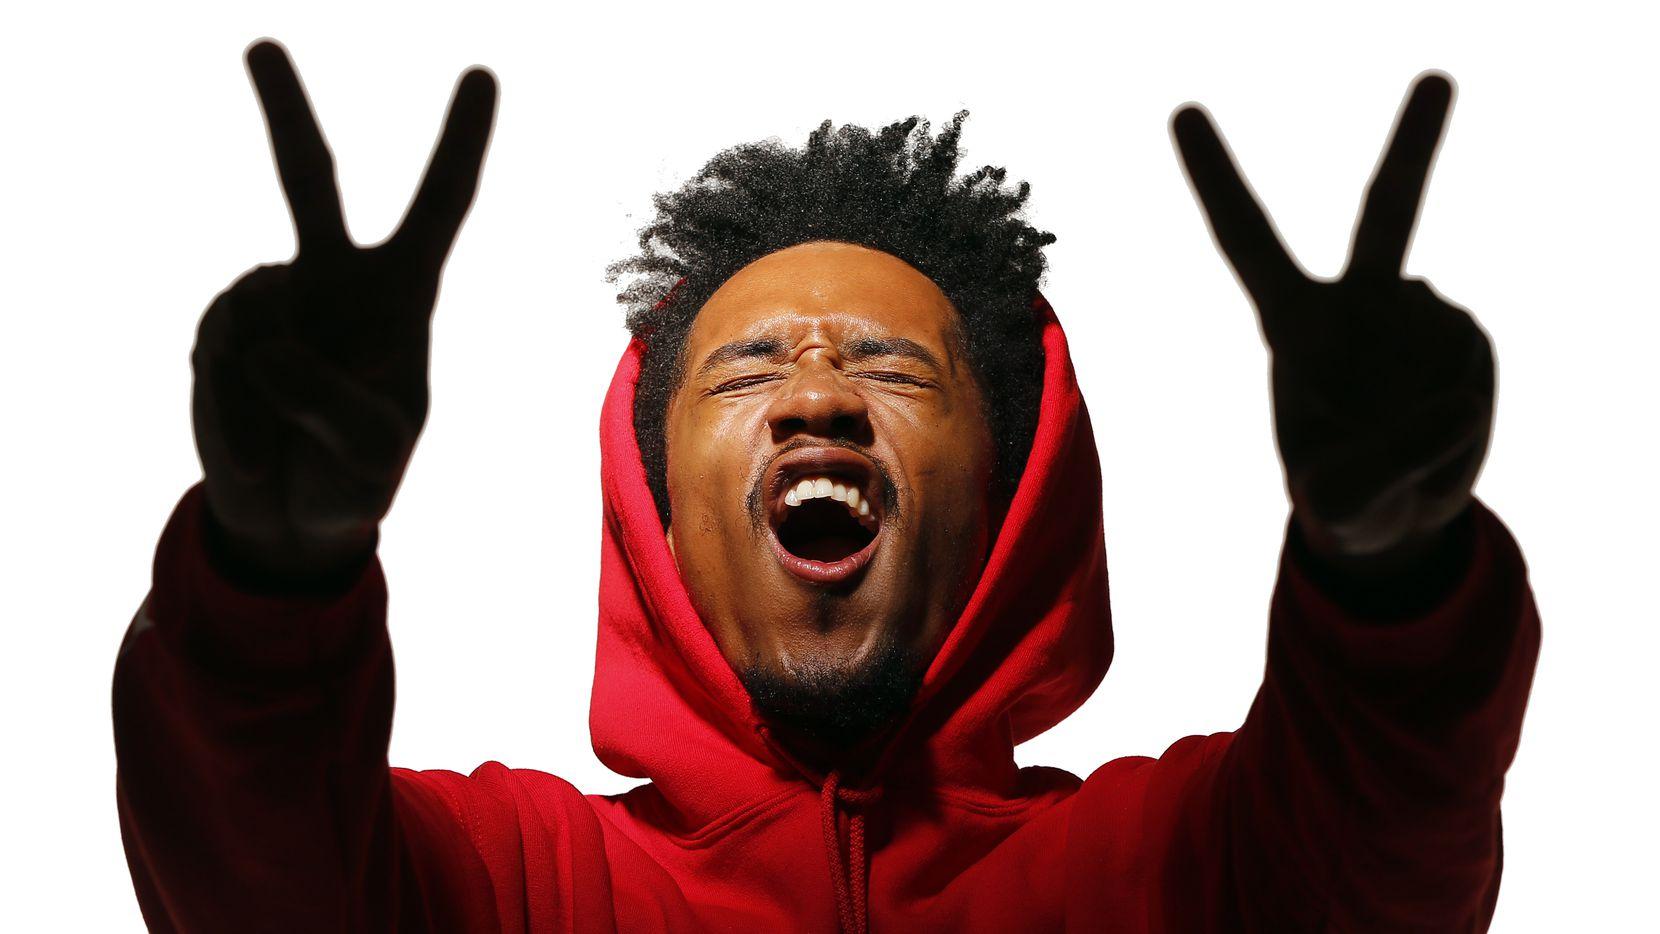 Dallas rapper Bobby Sessions